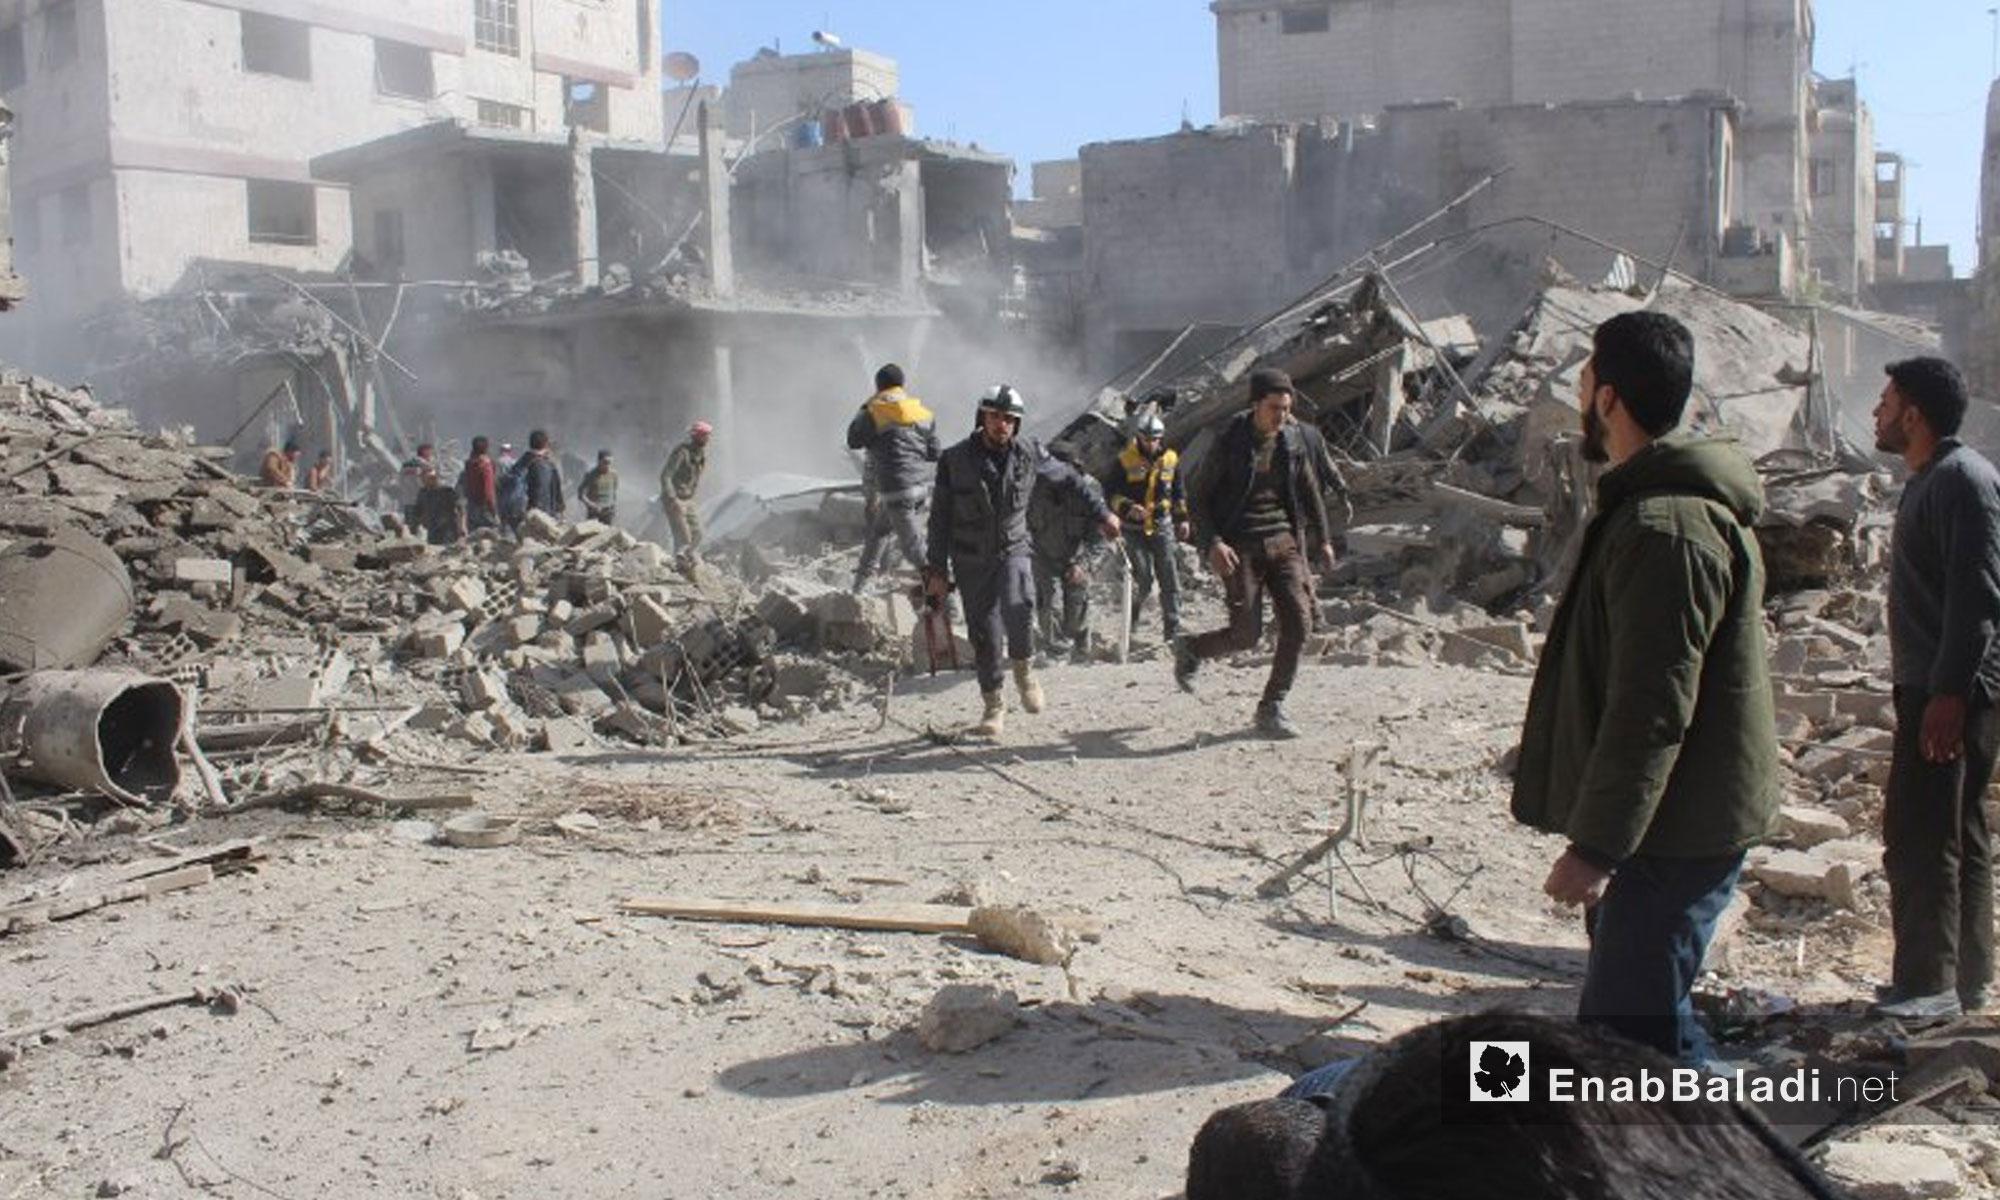 الدفاع المدني يخرج المصابين من تحت الأنقاض نتيجة القصف على بلدة حمورية في الغوطة الشرقية - 7 شباط 2018 (عنب بلدي)